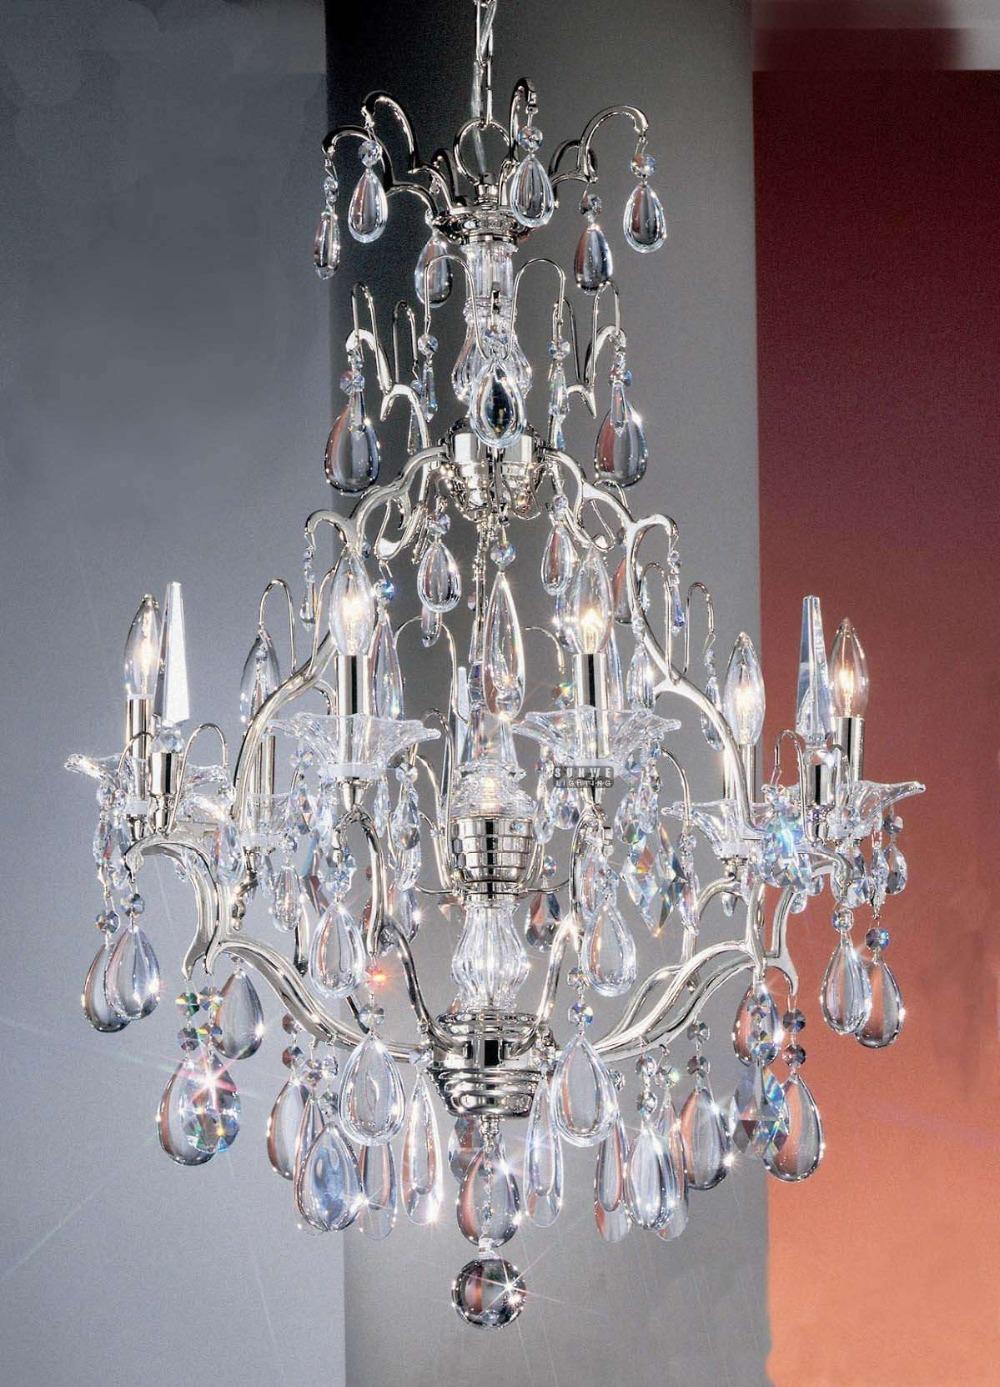 Grote slaapkamer lamp ~ [Spscents.com]